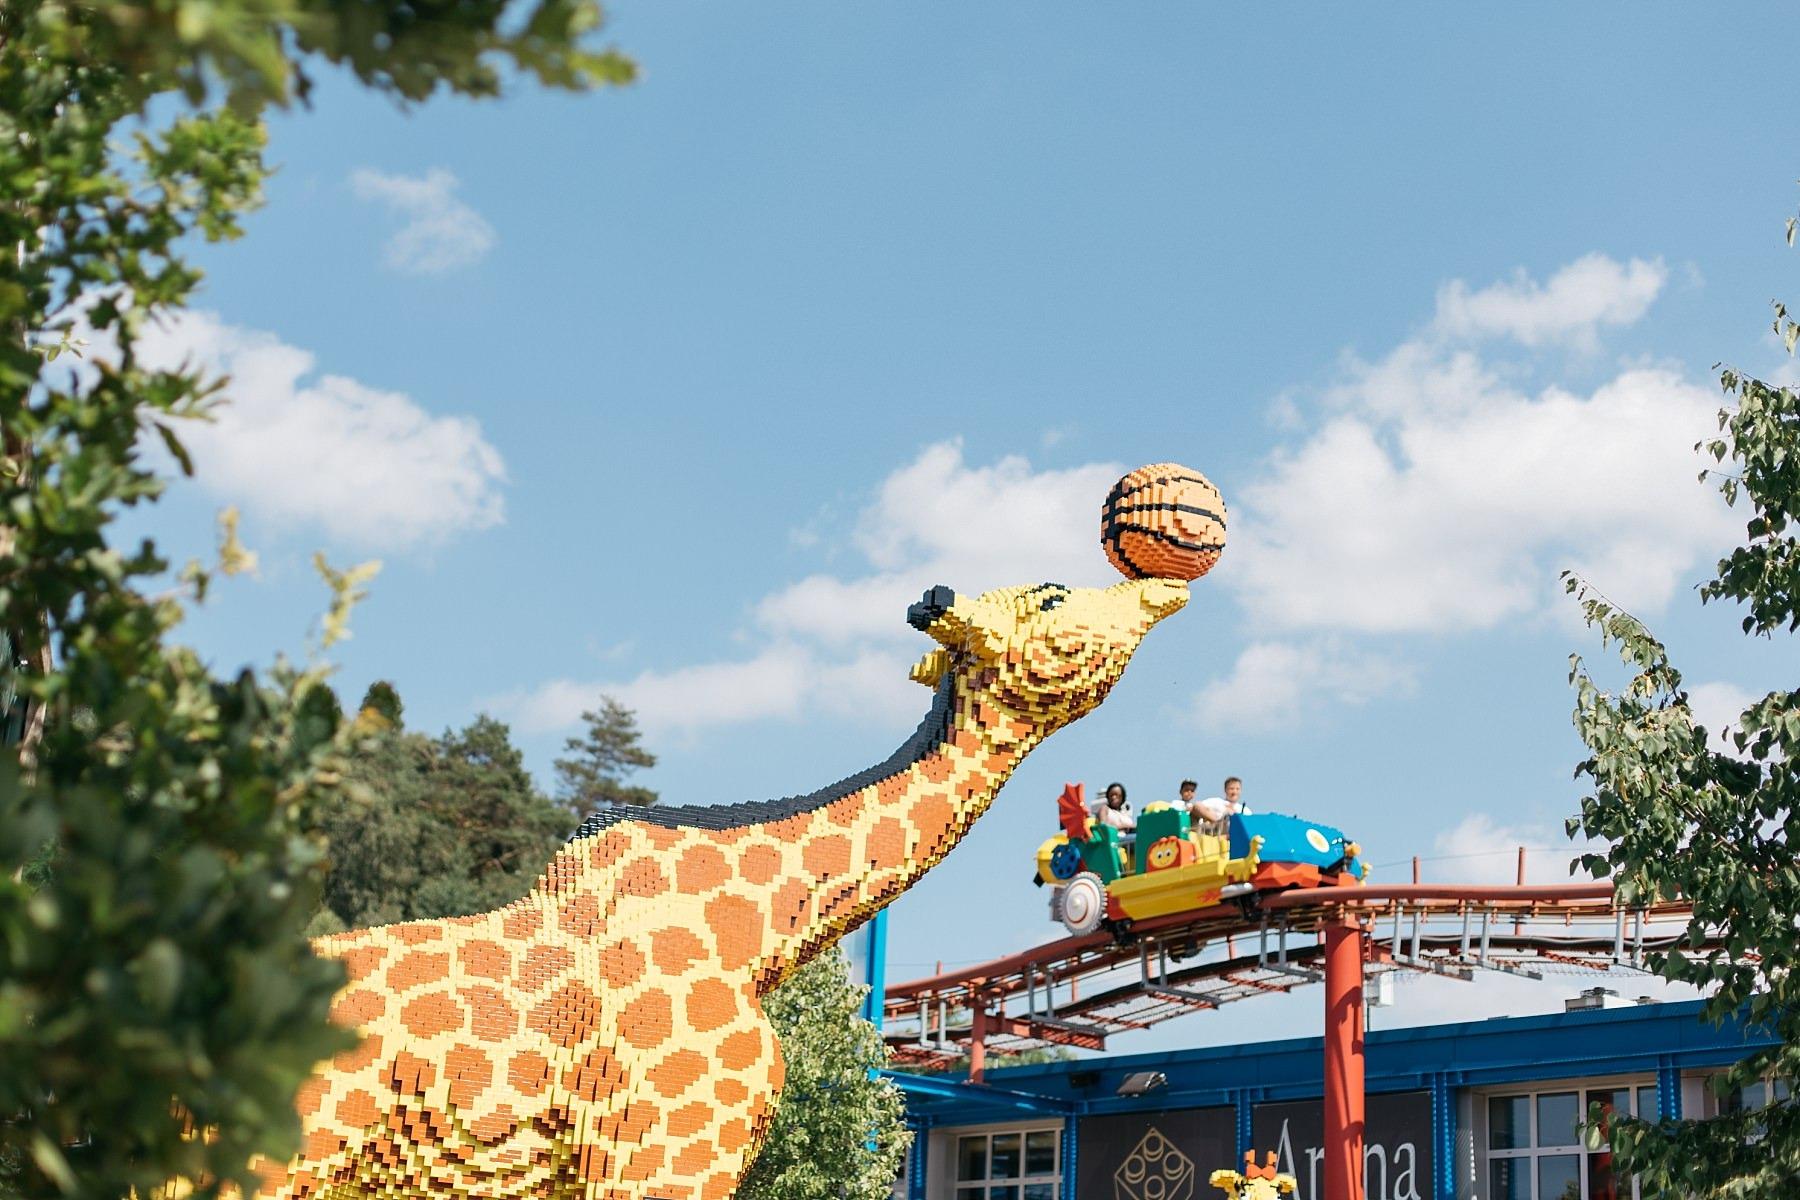 Legoland - 57 millions de briques Lego 35